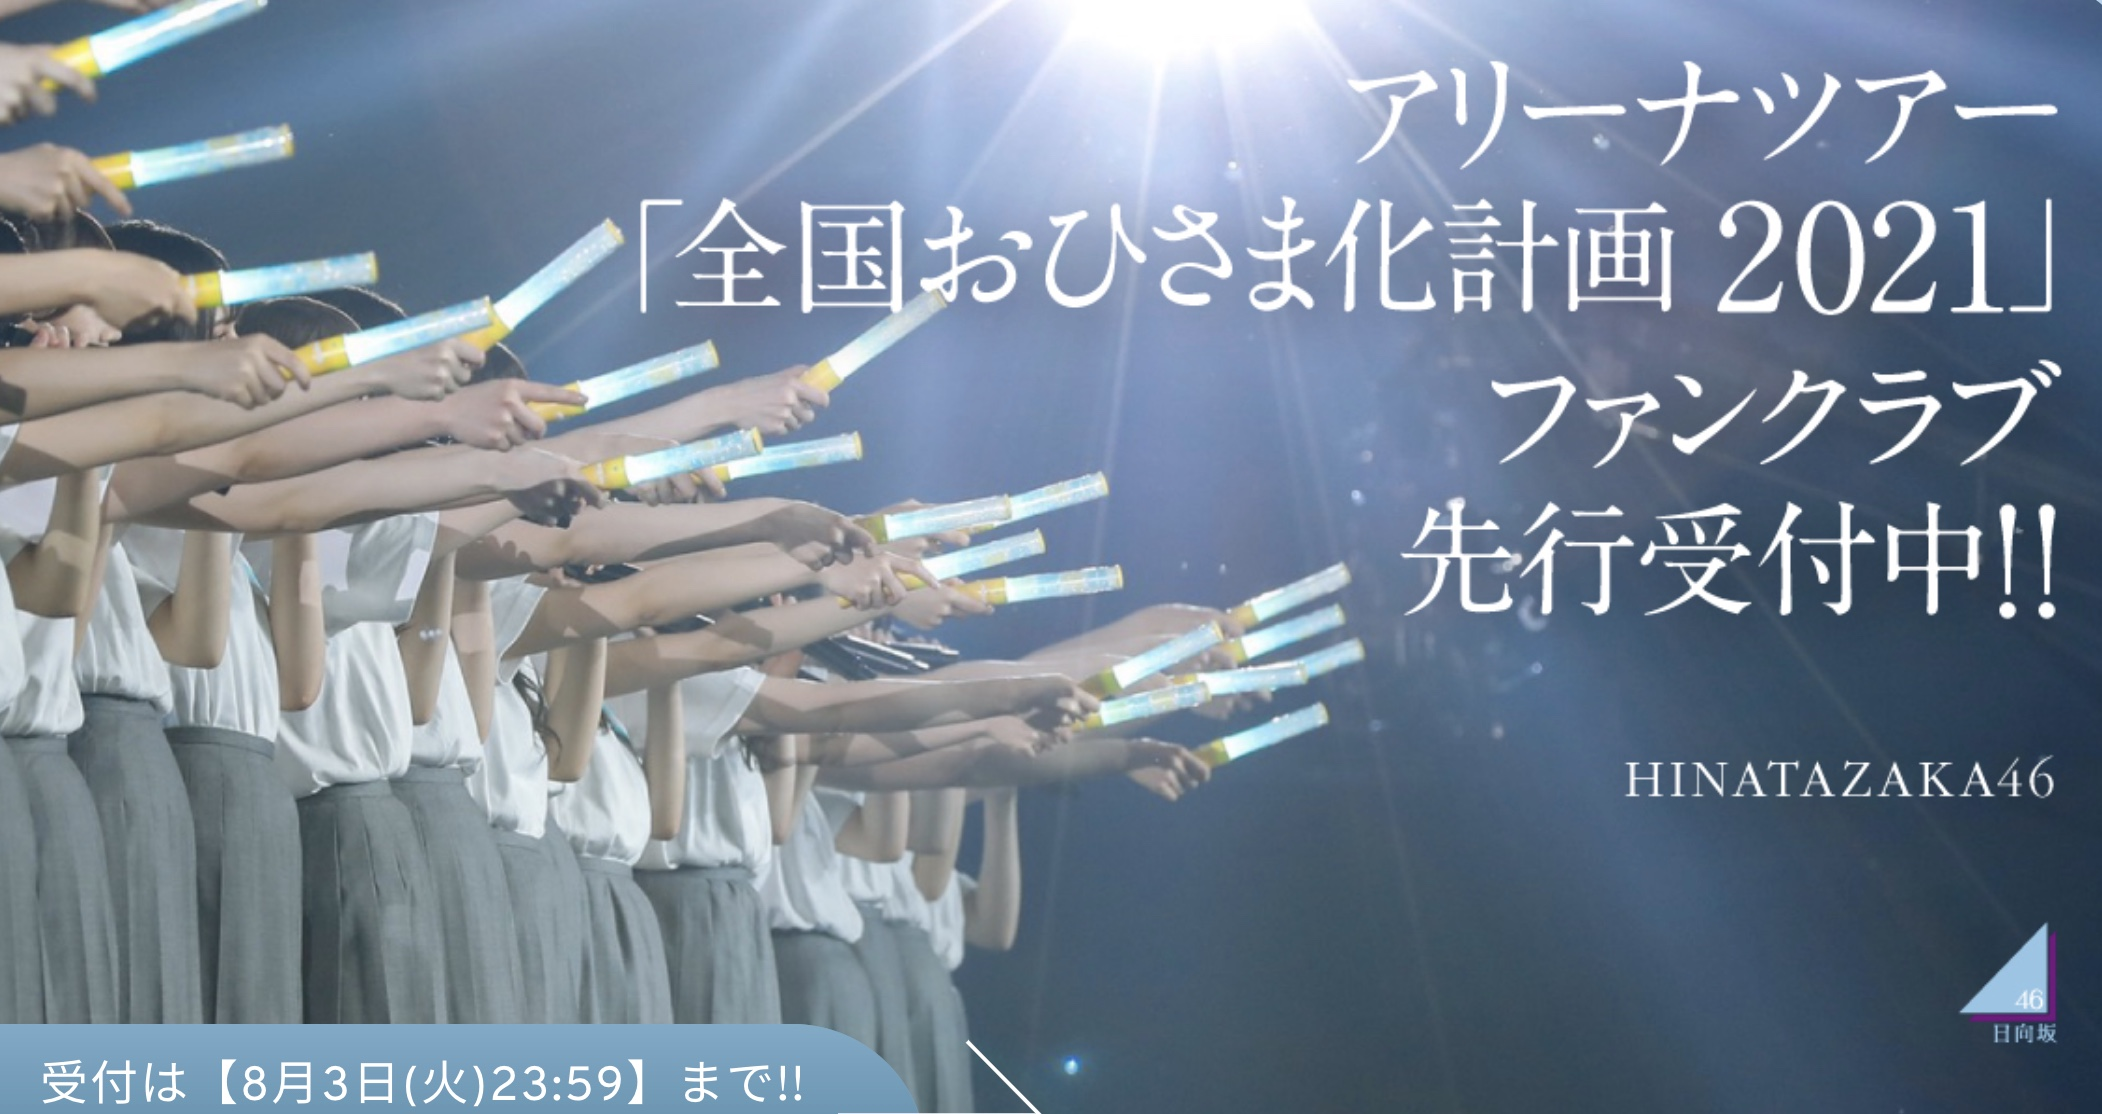 日向坂46全国アリーナツアー2021、ツアータイトルは「全国おひさま化計画 2021」7/31 12時よりFC会員限定チケット先行受付スタート